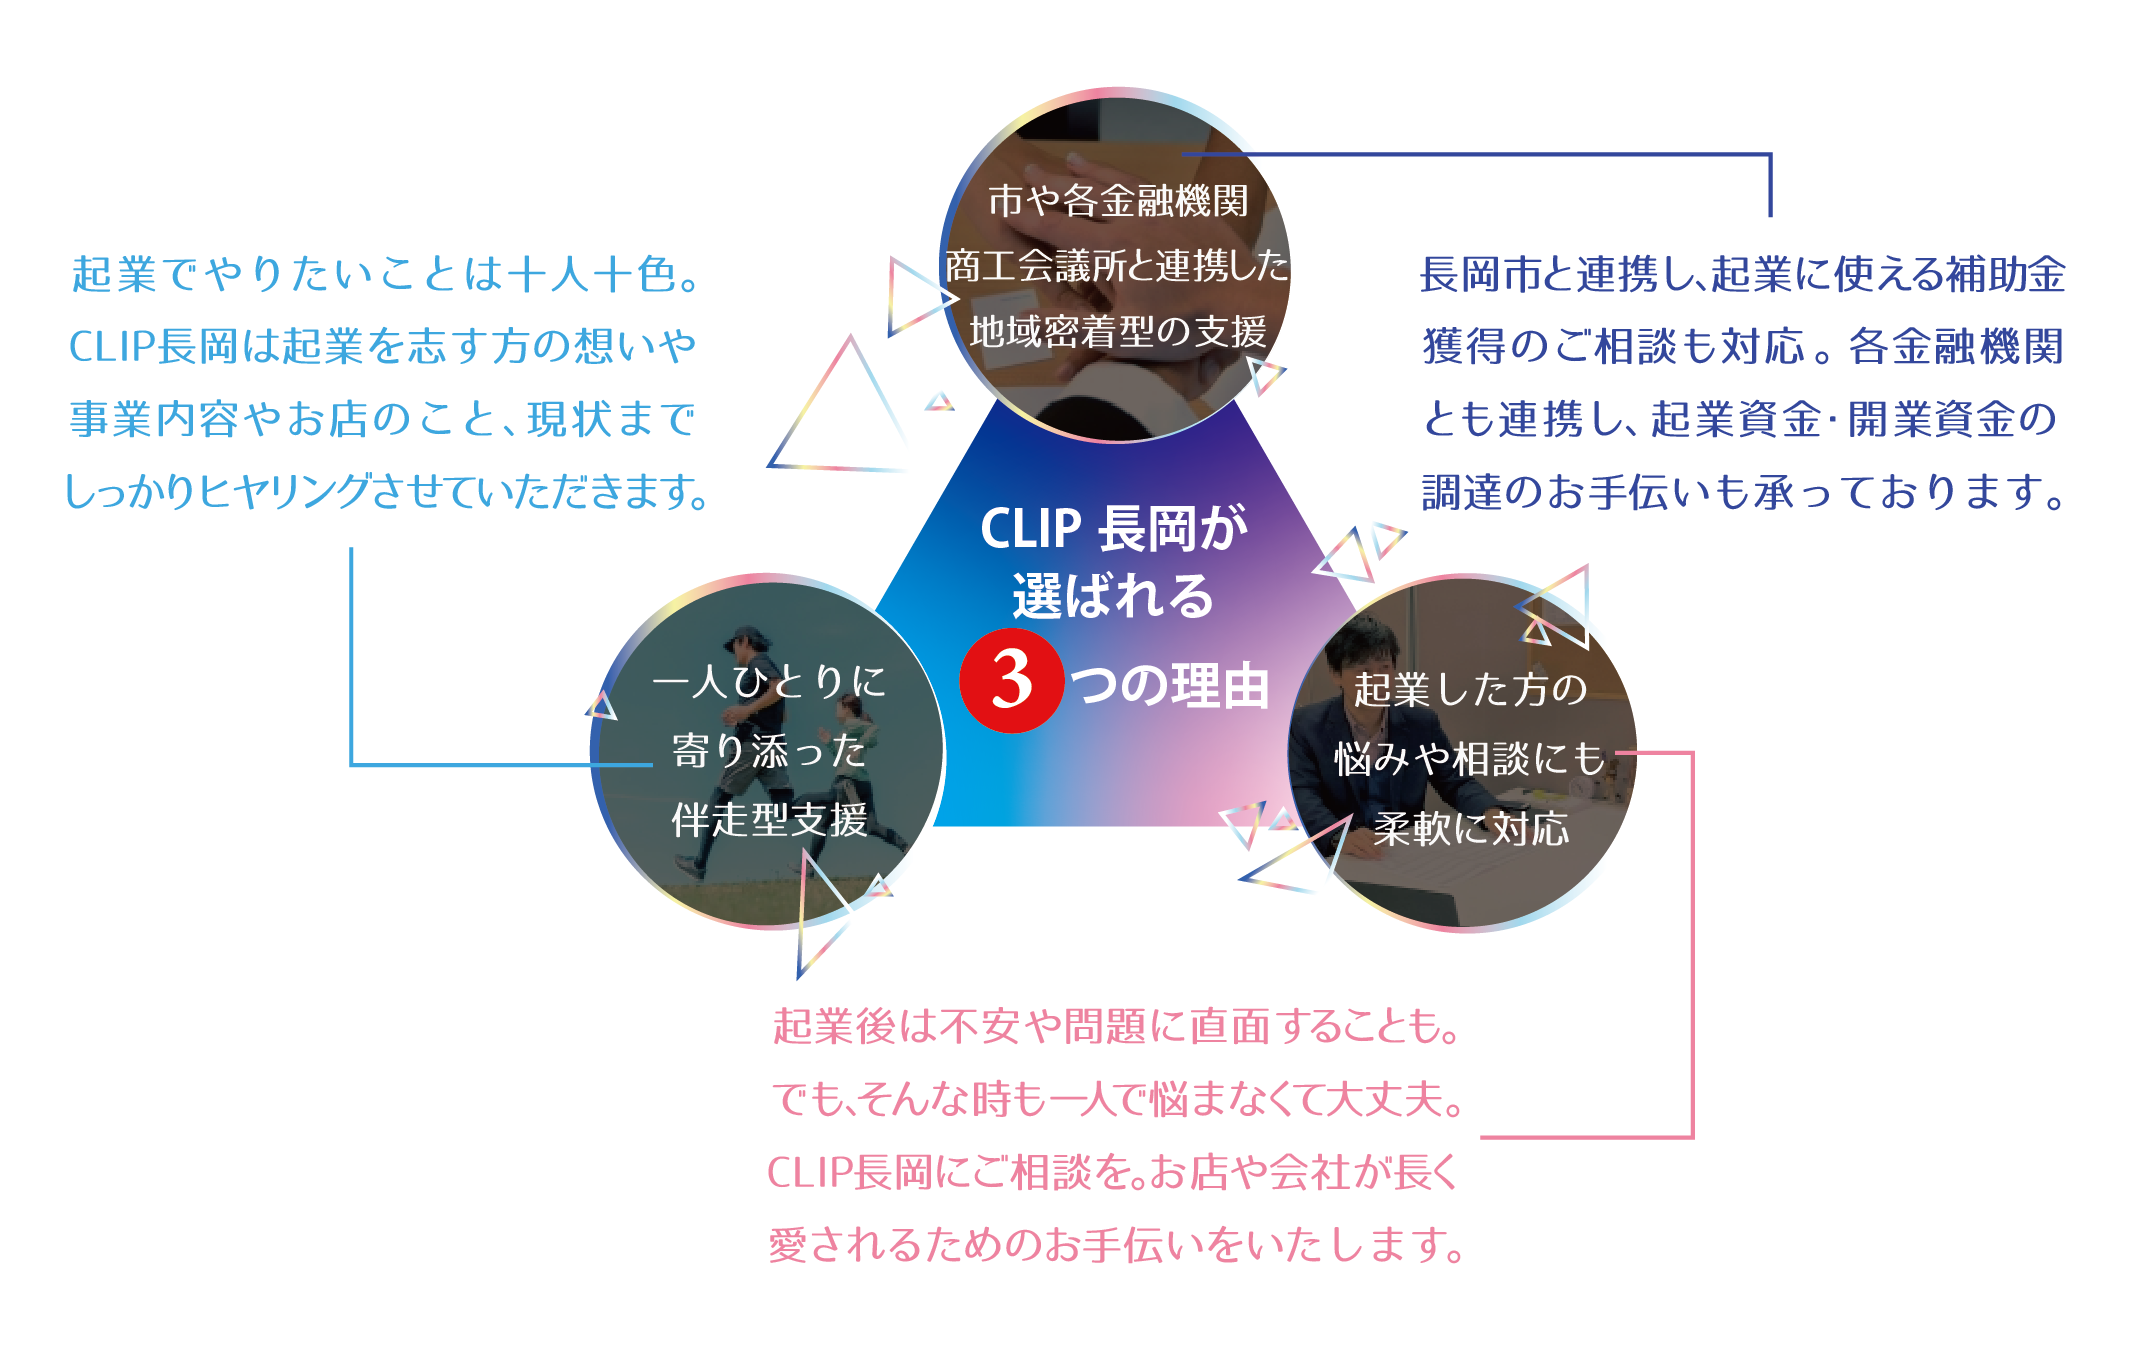 CLIP長岡が選ばれる3つの理由 一人ひとりに寄り添った伴走型支援 起業でやりたいことは十人十色。CLIP長岡は起業を志す方の想いや事業内容やお店のこと、現状までしっかりヒヤリングさせていただきます。 長岡市や各金融機関、長岡商工会議所と連携した地域密着型の支援 長岡市と連携し、起業に使える補助金獲得のご相談も対応。各金融機関とも連携し、起業資金・開業資金の調達のお手伝いも承っております。 長岡市で起業した方の悩みや相談にも柔軟に対応 起業後は不安や問題に直面することも。でも、そんな時も一人で悩まなくて大丈夫です。CLIP長岡にご相談ください。お店や会社が長く愛されるためのお手伝いをいたします。